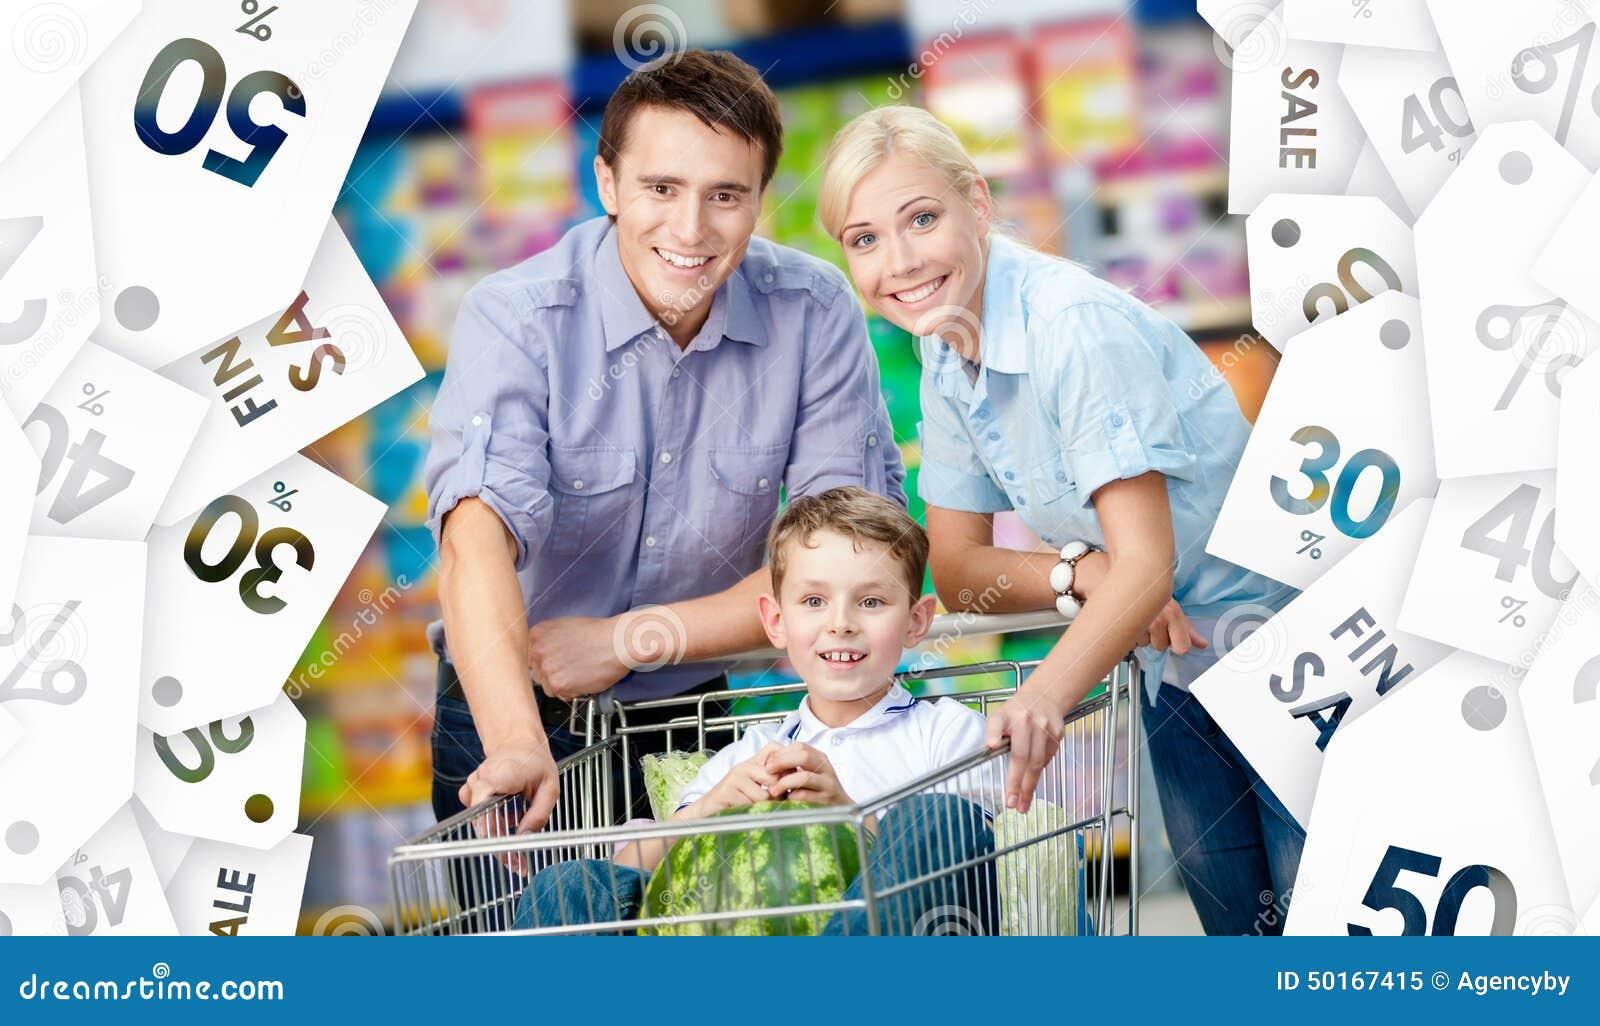 La famille conduit le chariot à achats avec la nourriture